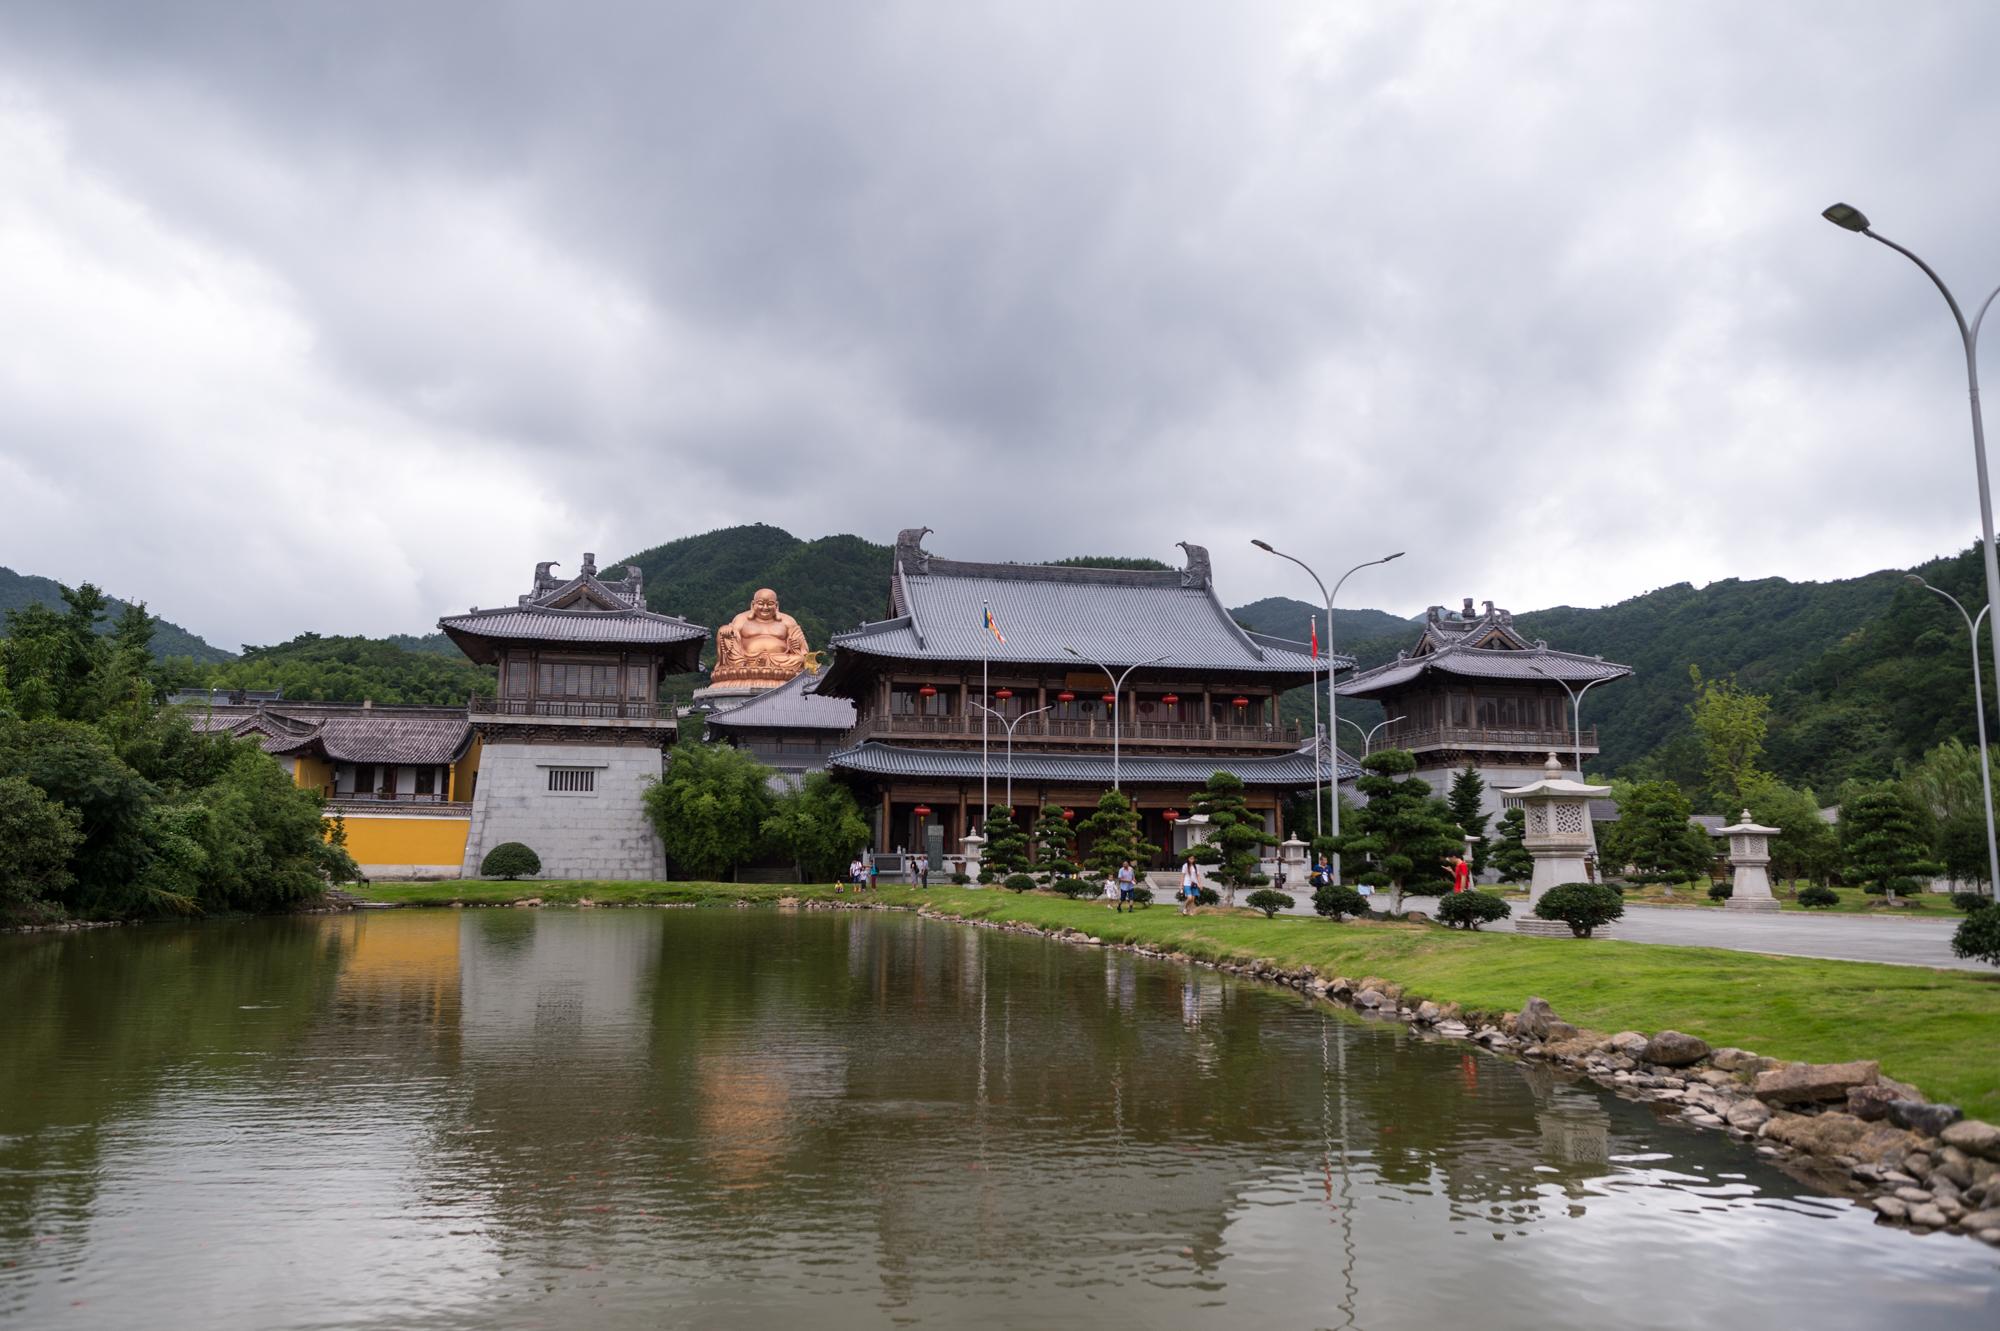 中国第五大佛教名山,梵净山和雪窦山存在争议,最终被央视认定